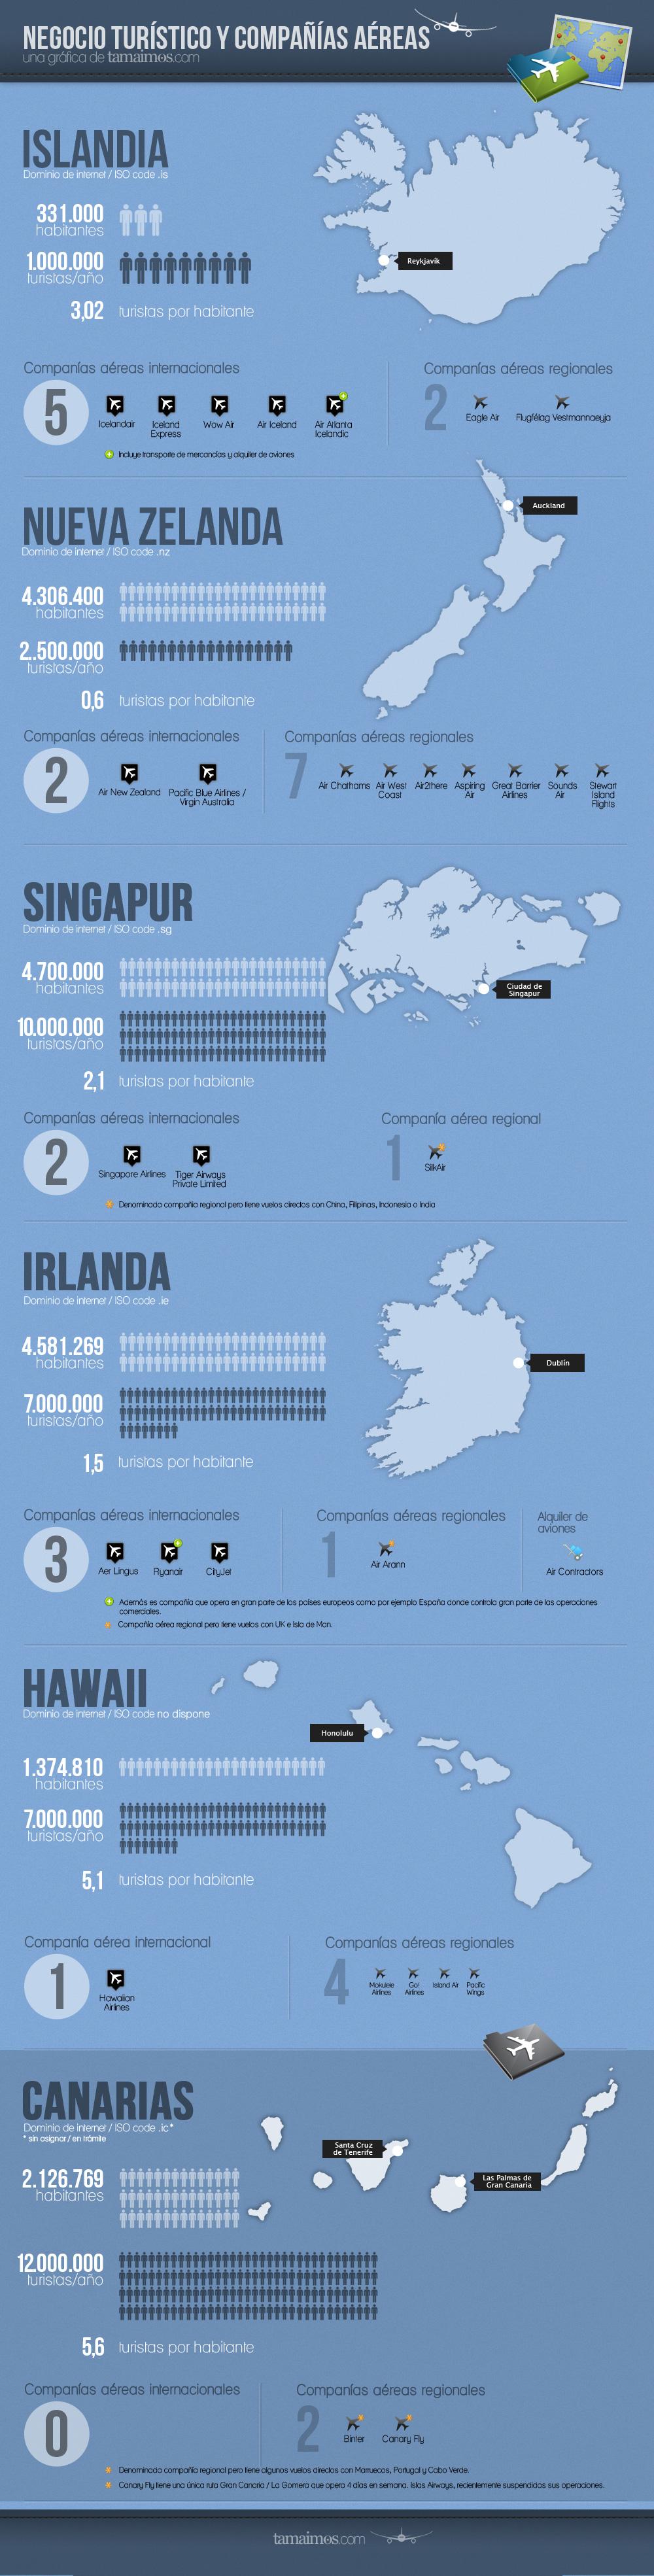 Negocio turistíco VS compañías aéreas. Gráfico. Datos. Canarias. Tamaimos.